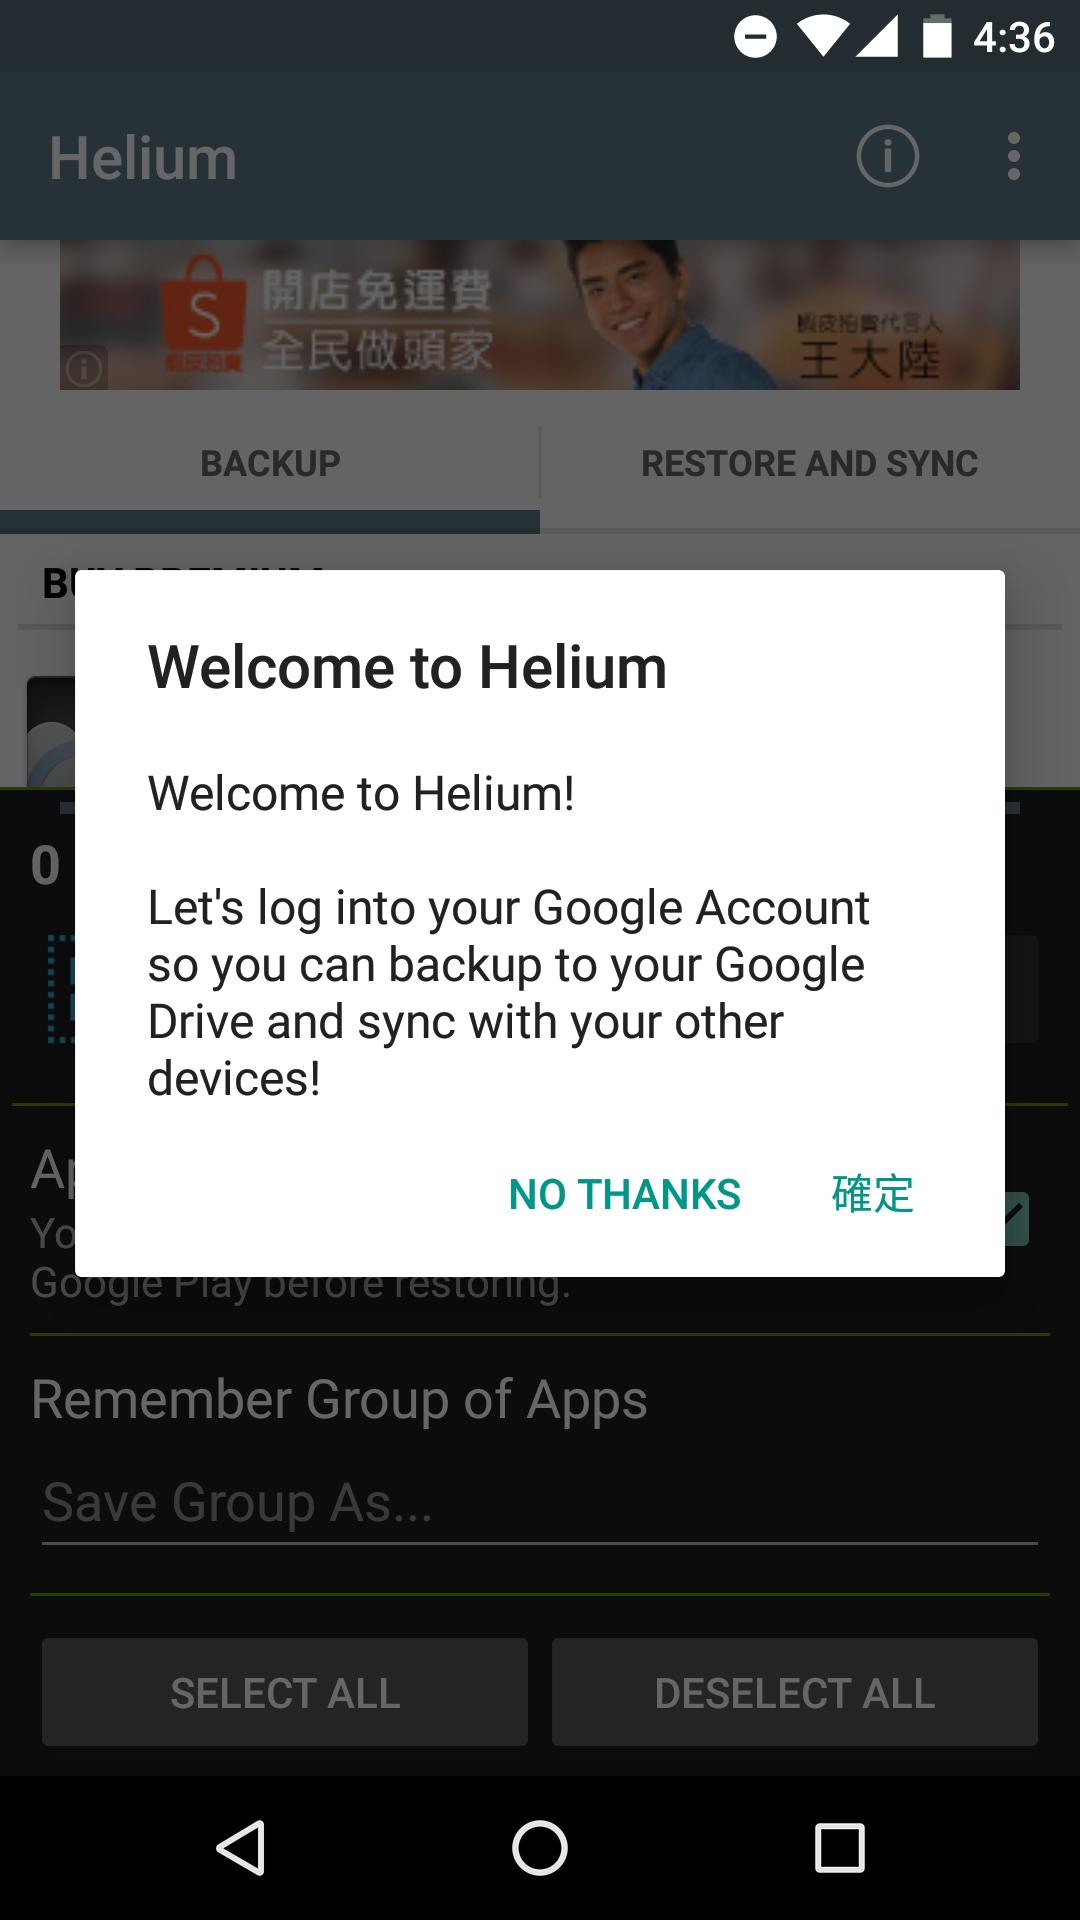 成功啟用 Helium 後,就會直接顯示歡迎畫面